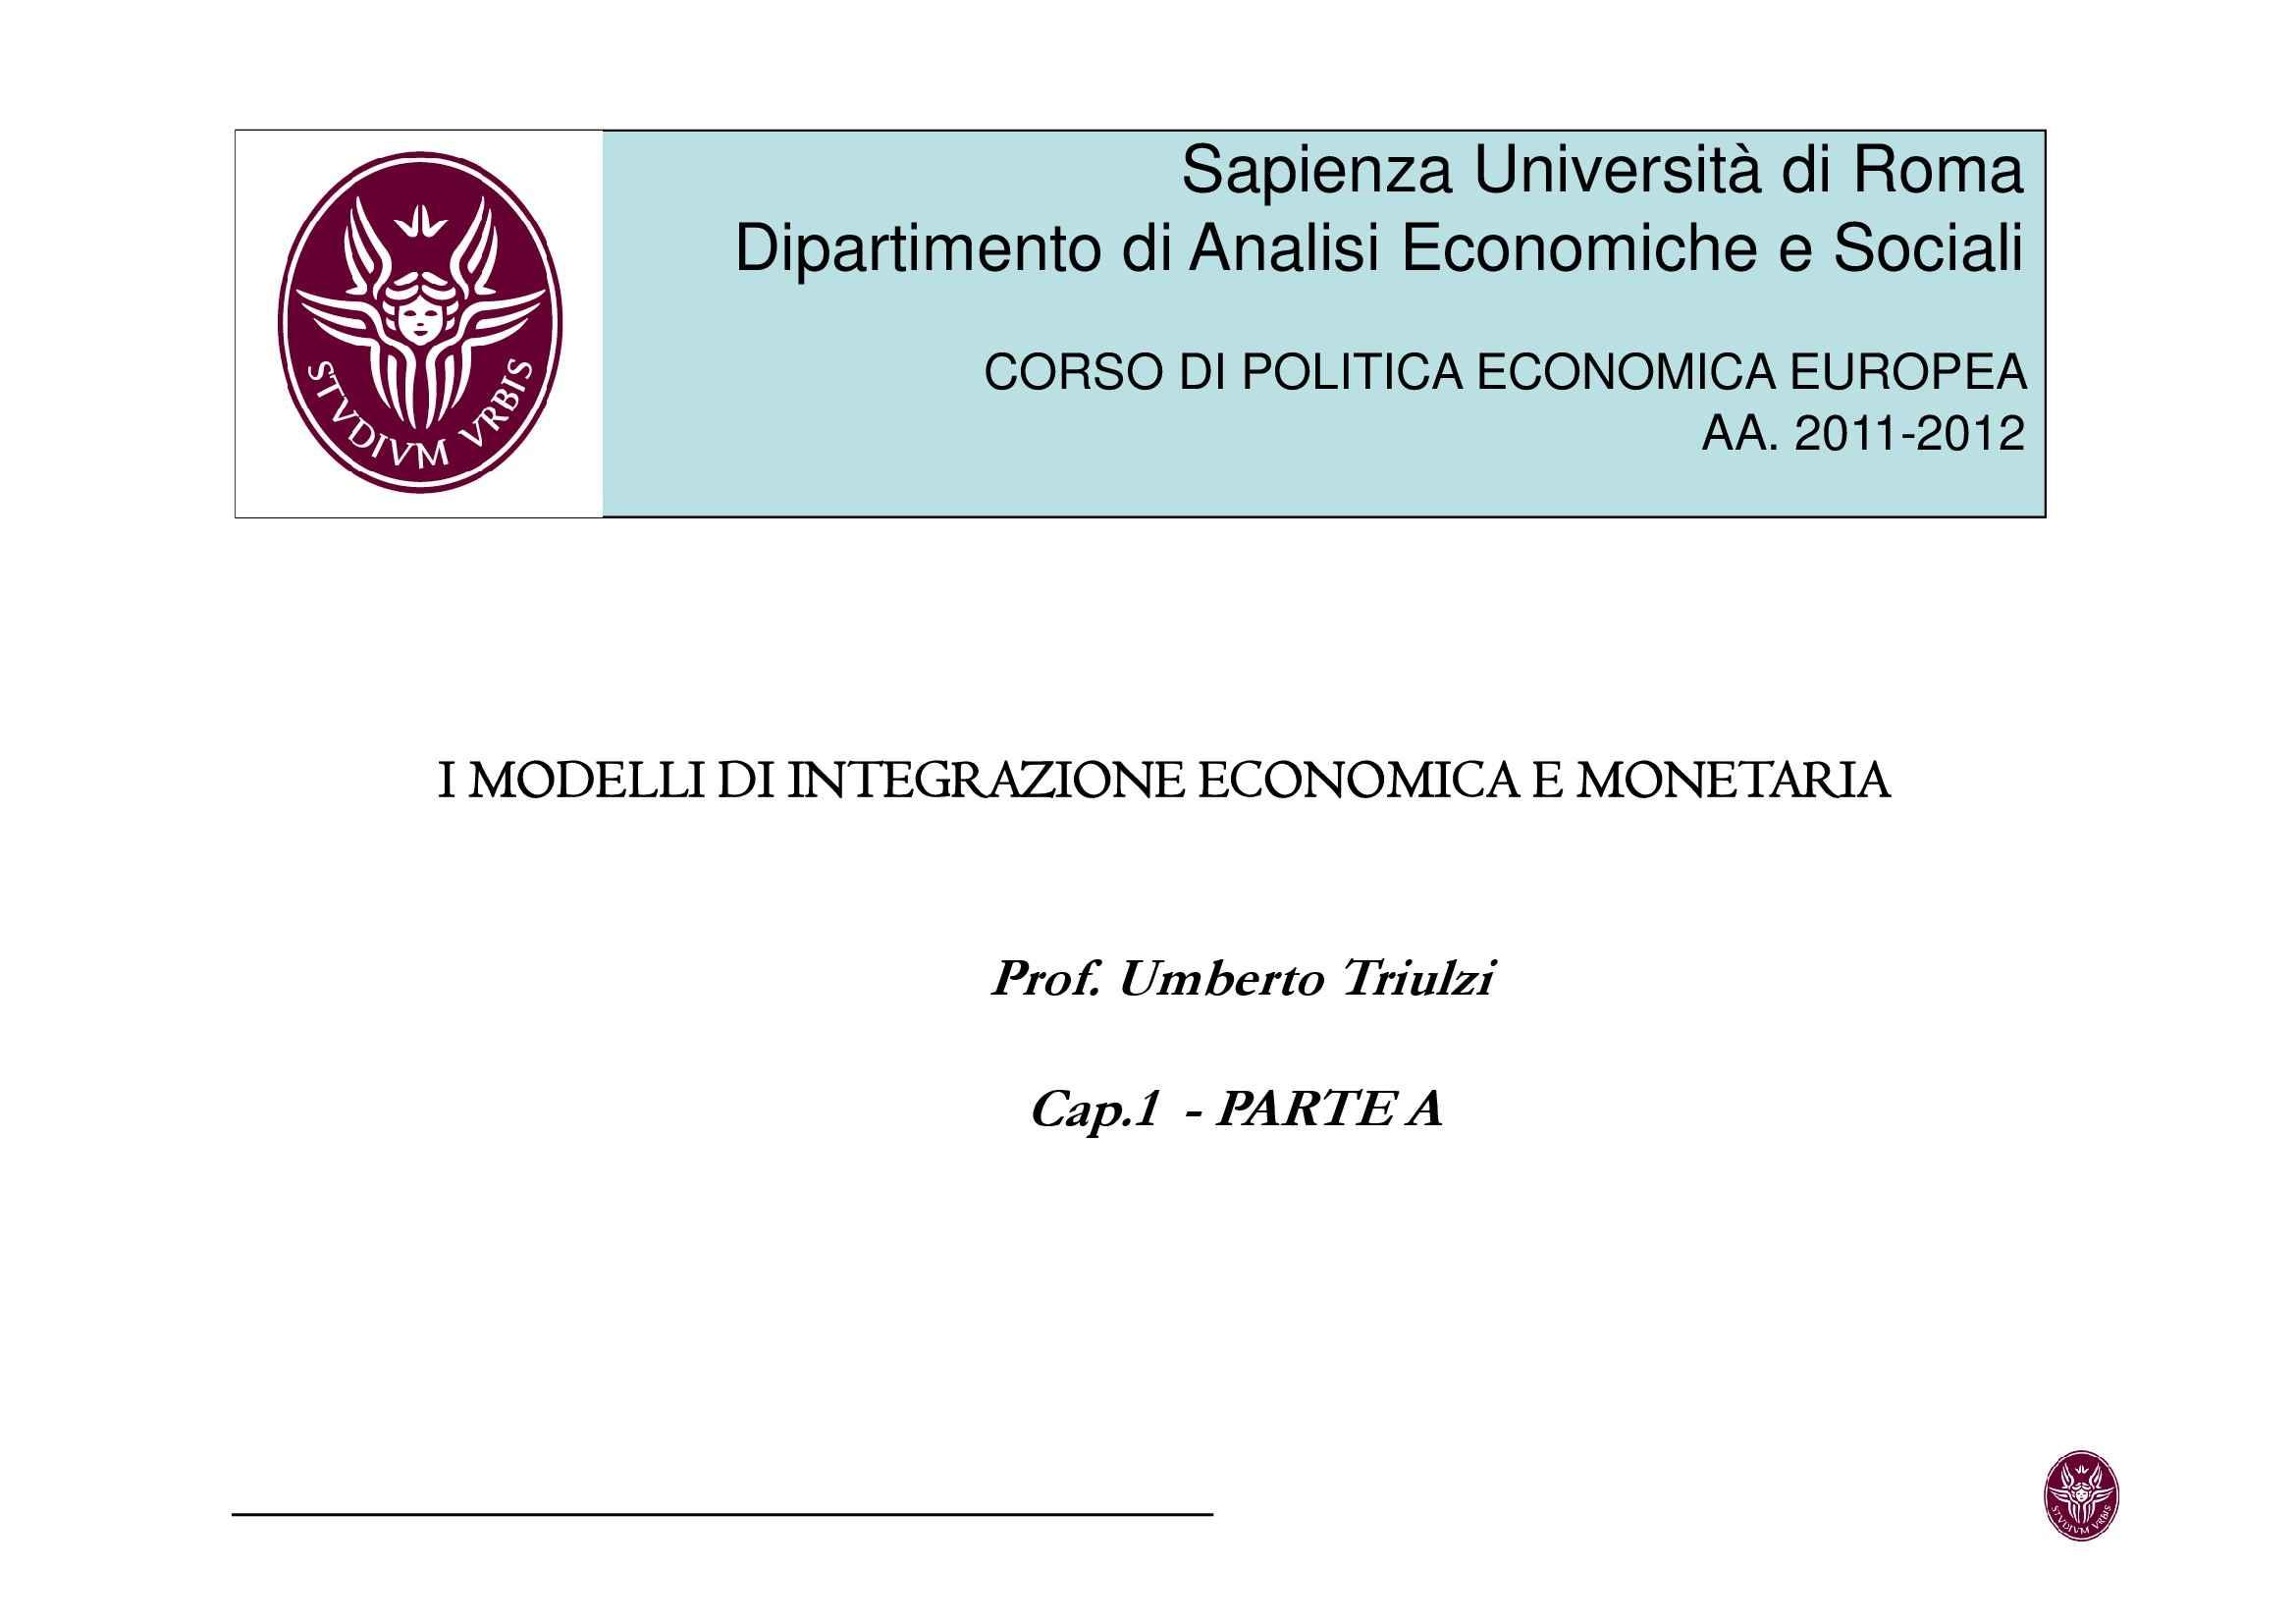 Integrazione economica e monetaria - Modelli